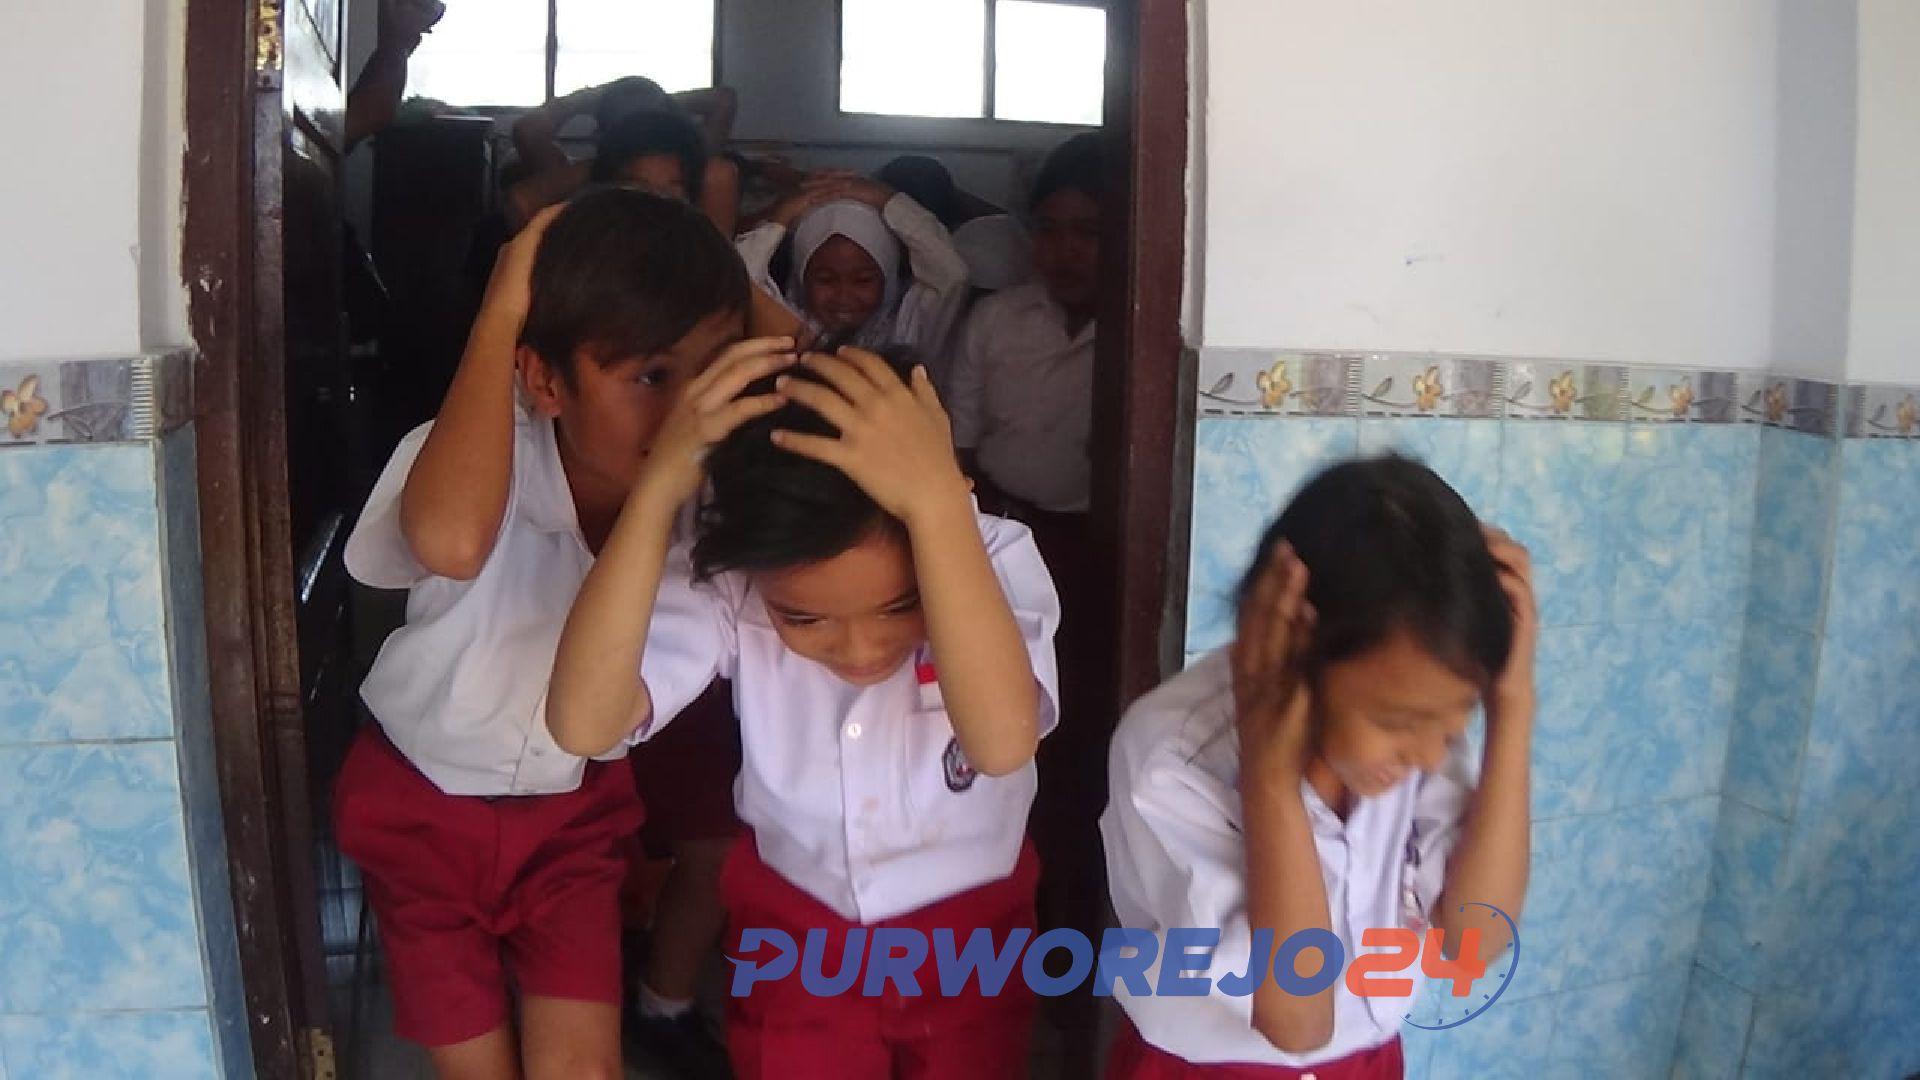 Sebaiknya para siswa bergegas keluar dengan membawa benda yang dirasa bisa melindungi diri seperti tas atau bantal, untuk melindungi kepala dari reruntuhan bangunan dan gedung, bila bencana gempa melanda.